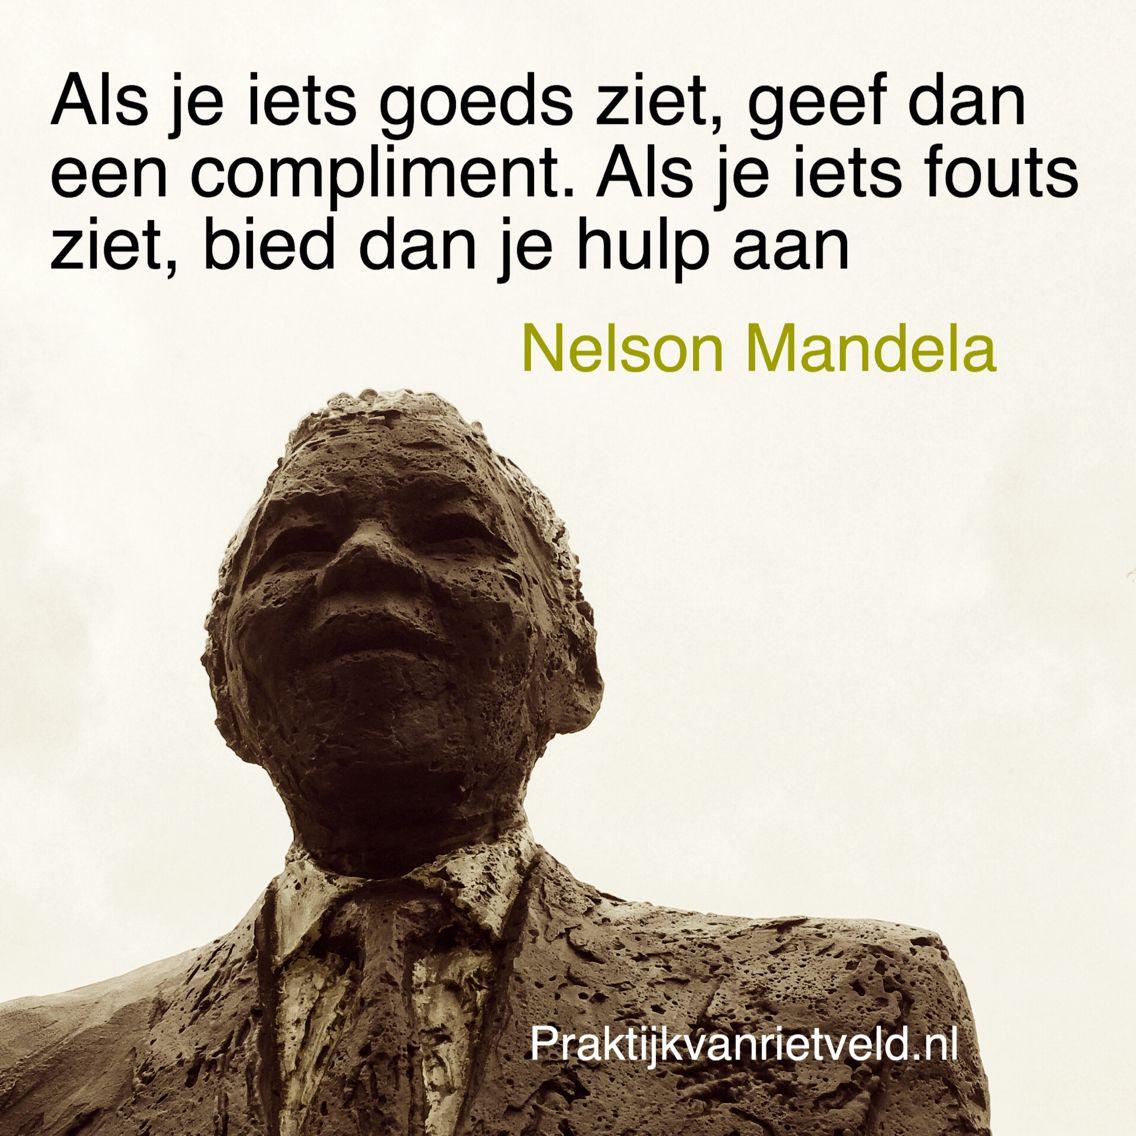 Citaten Mandela : Als je iets goeds ziet geef dan een compliment